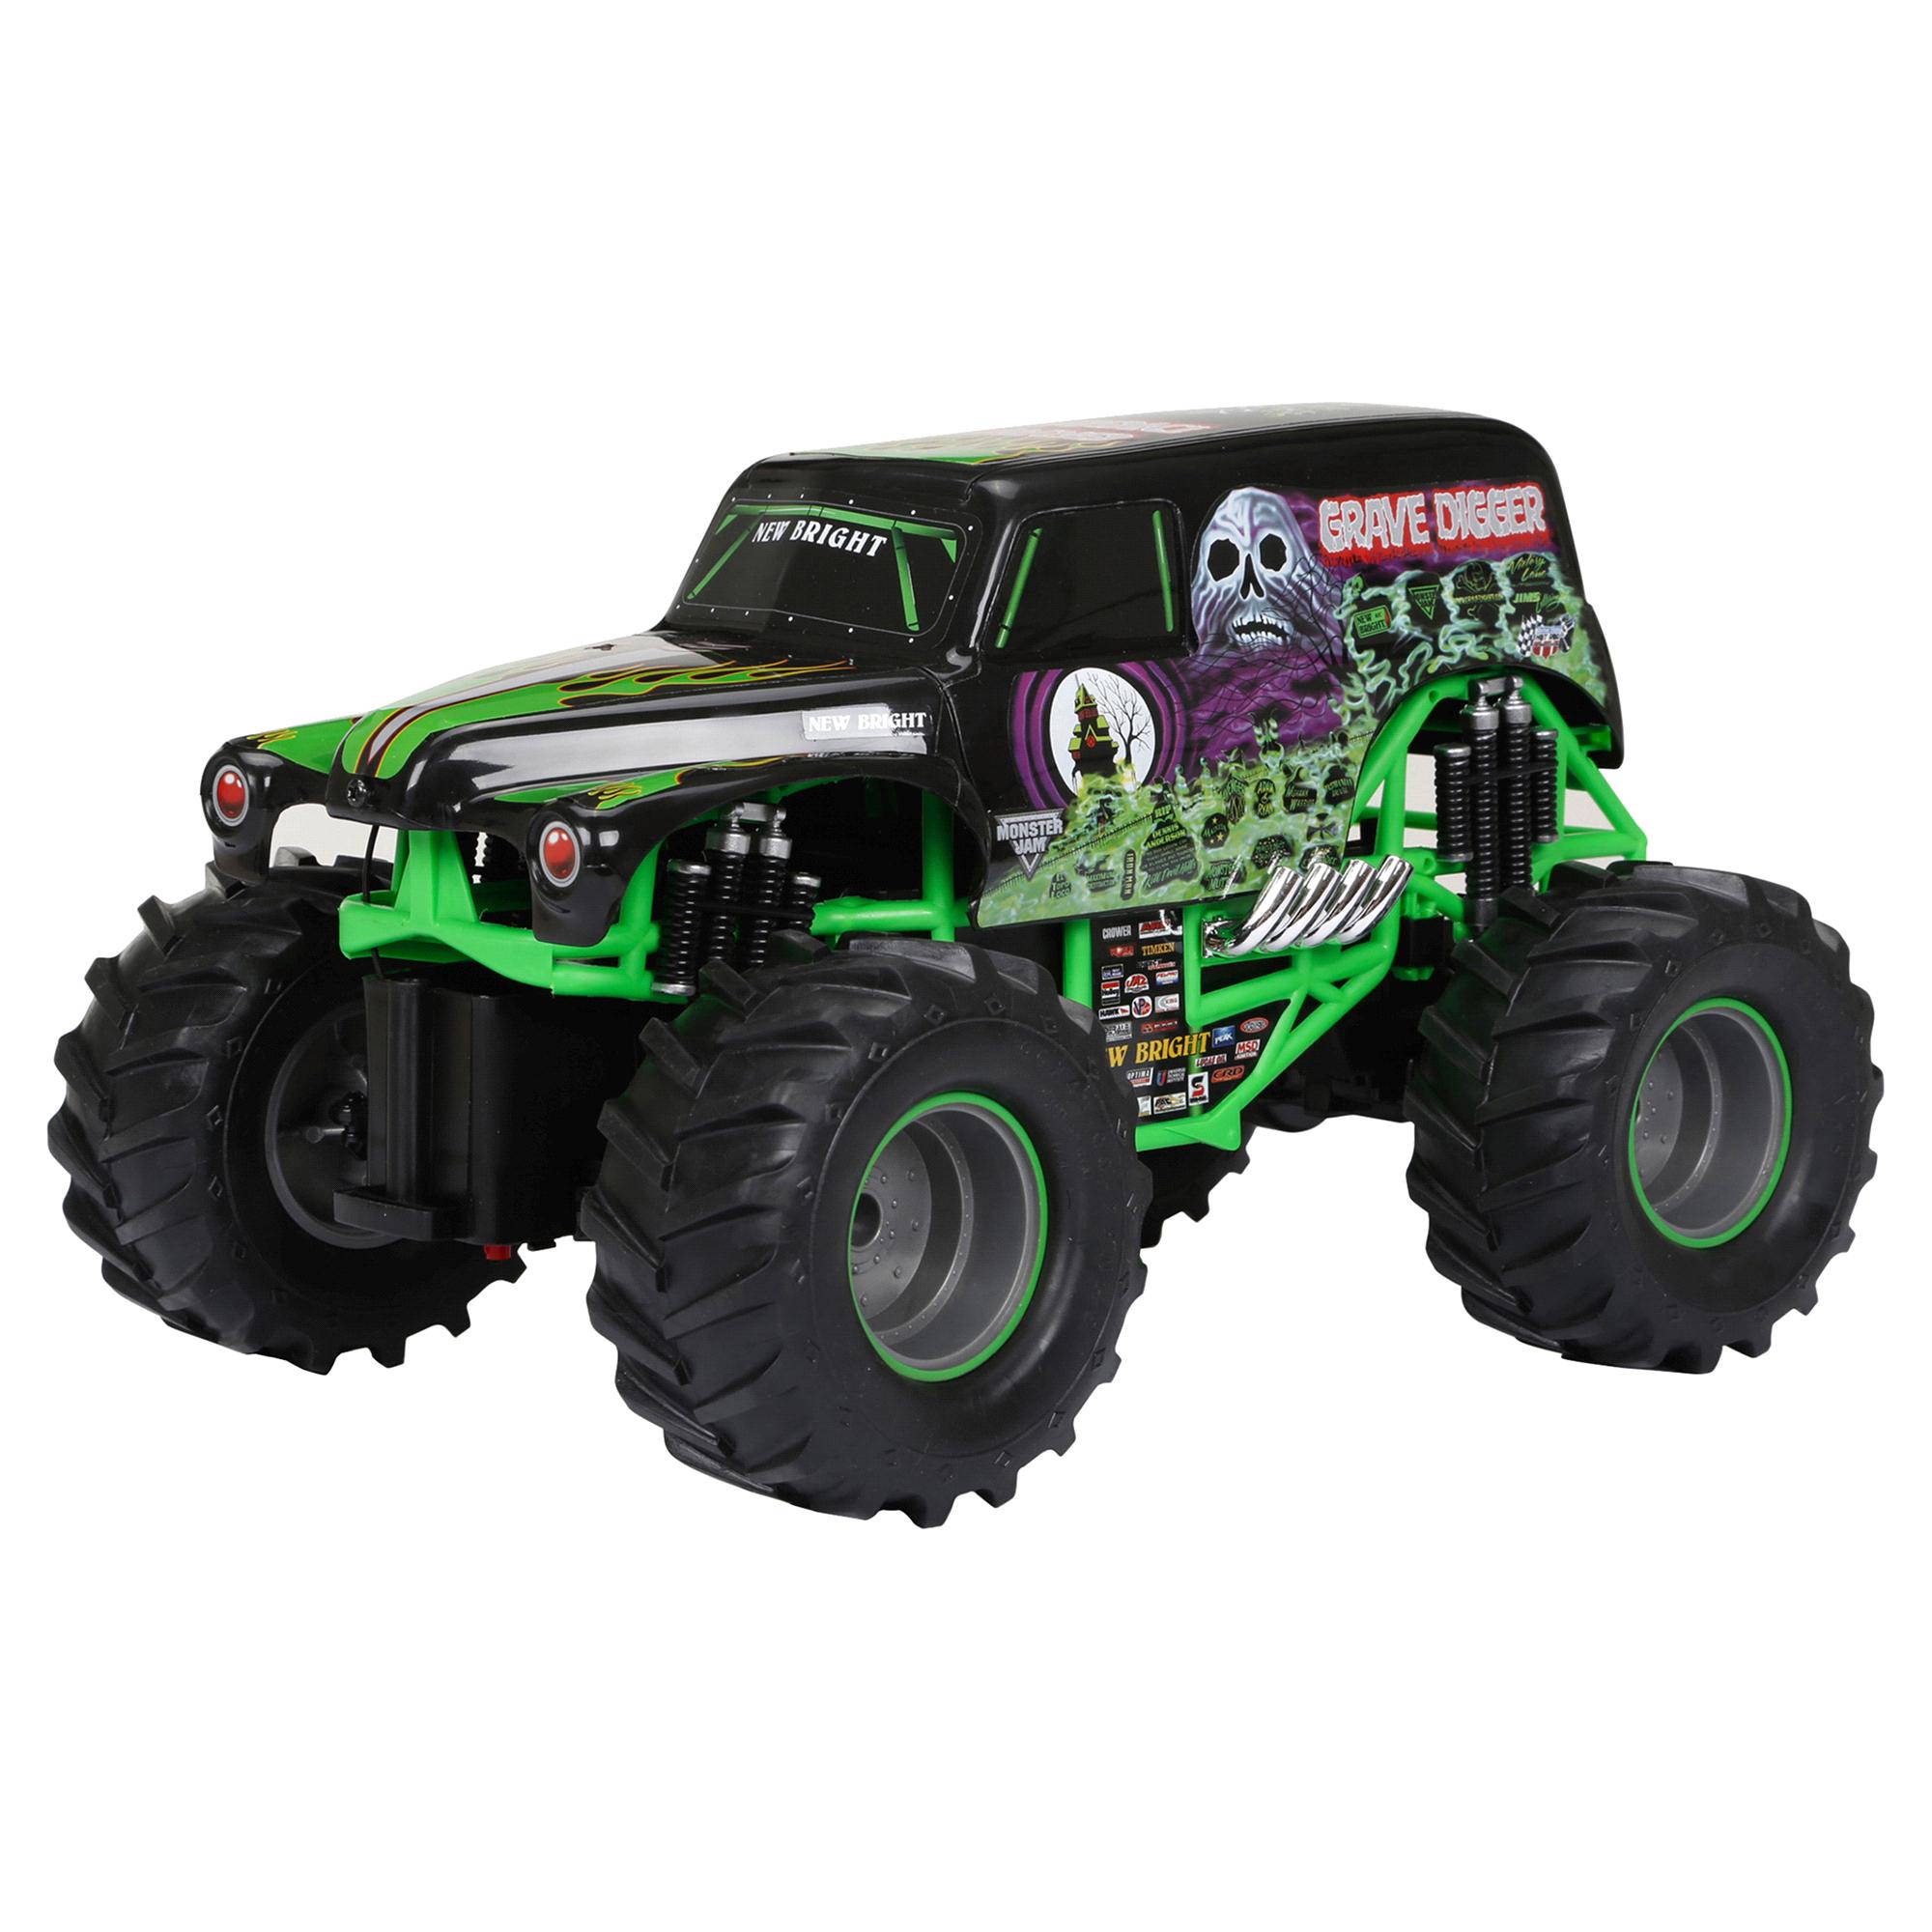 100 grave digger monster truck fabric blaze monster for Monster truck fabric